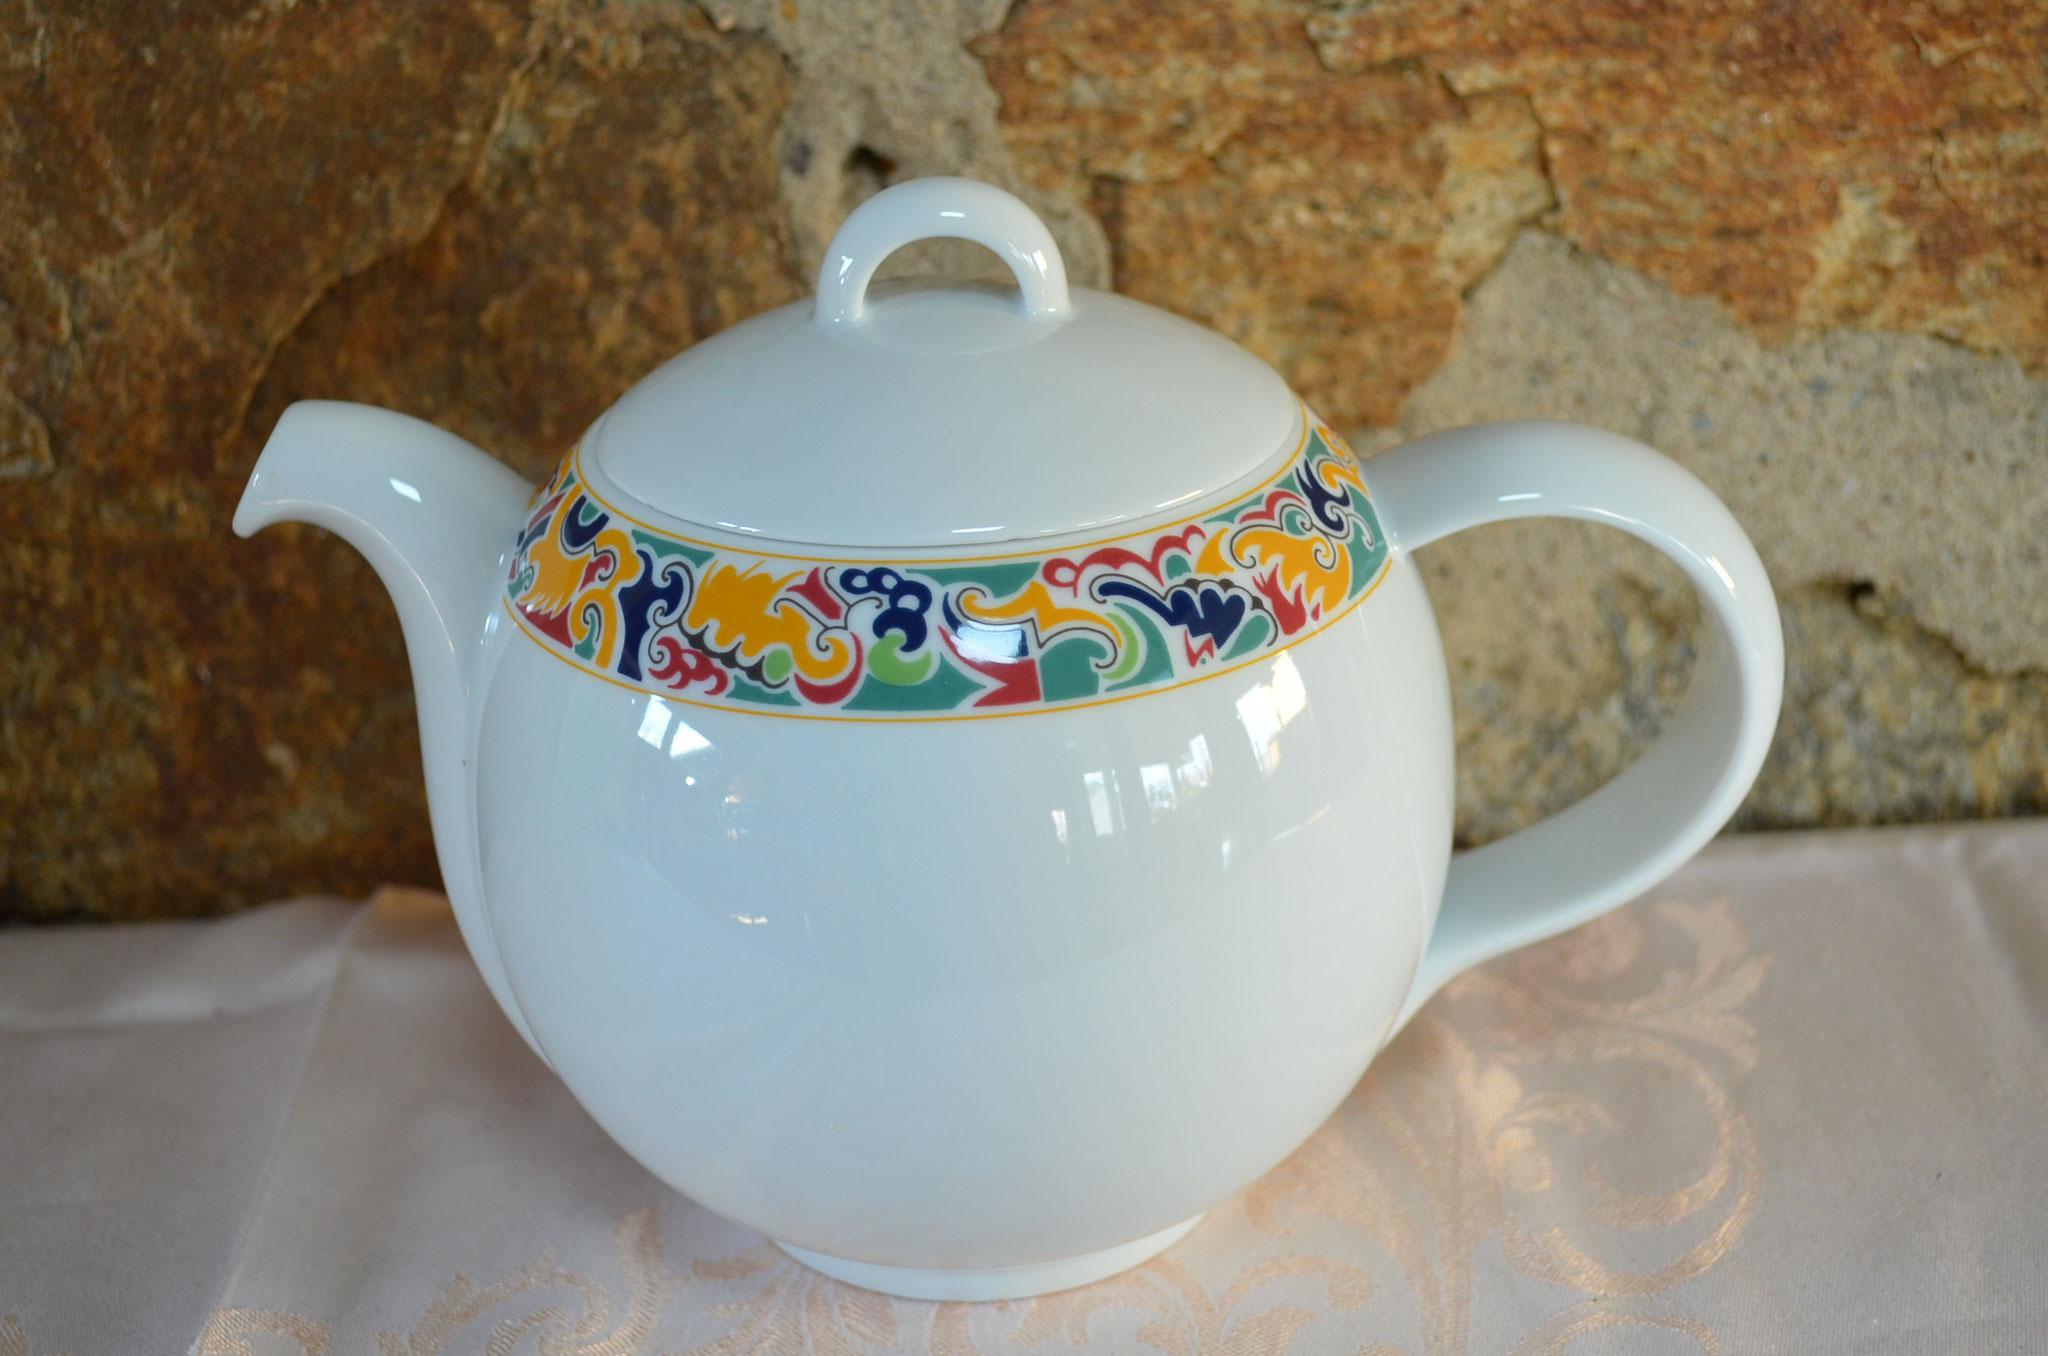 Teekanne aus Porzellan, Sophienthal, für 1,4 Liter Fassungsvermögen. 3 Miniclips am Deckel, sonst Top. Preis: 14,90 €